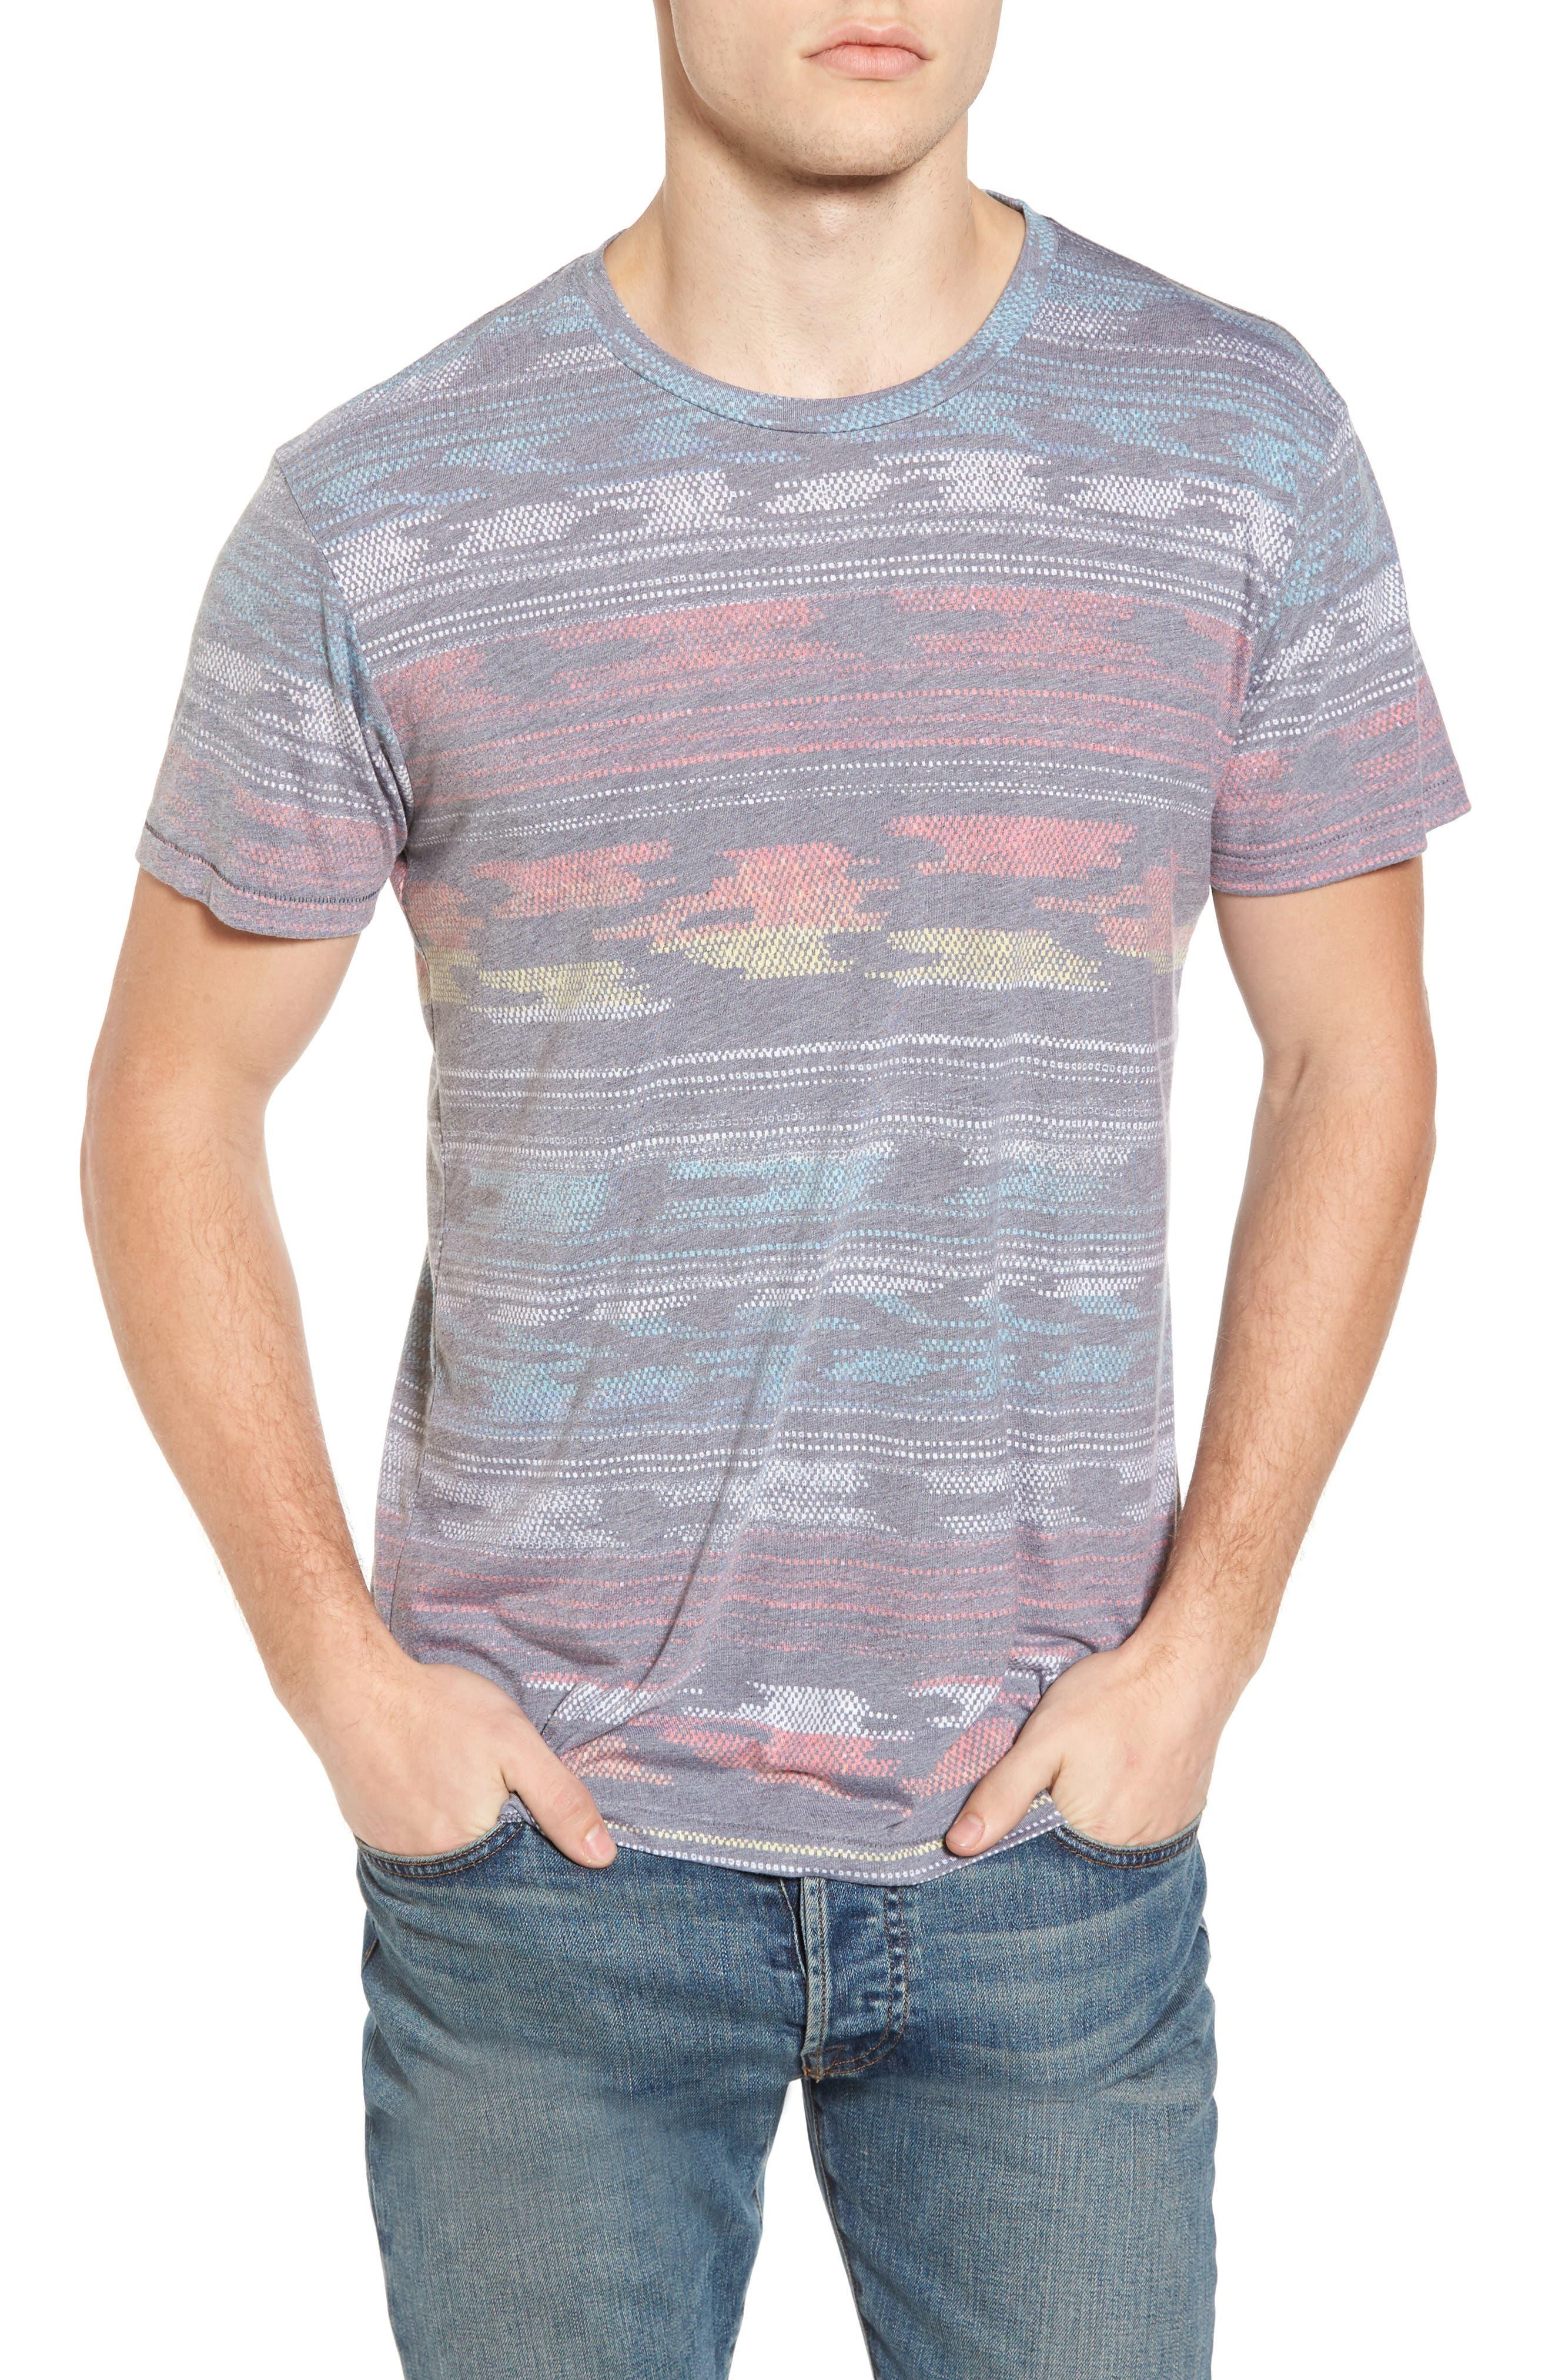 Madrugada T-Shirt,                         Main,                         color,